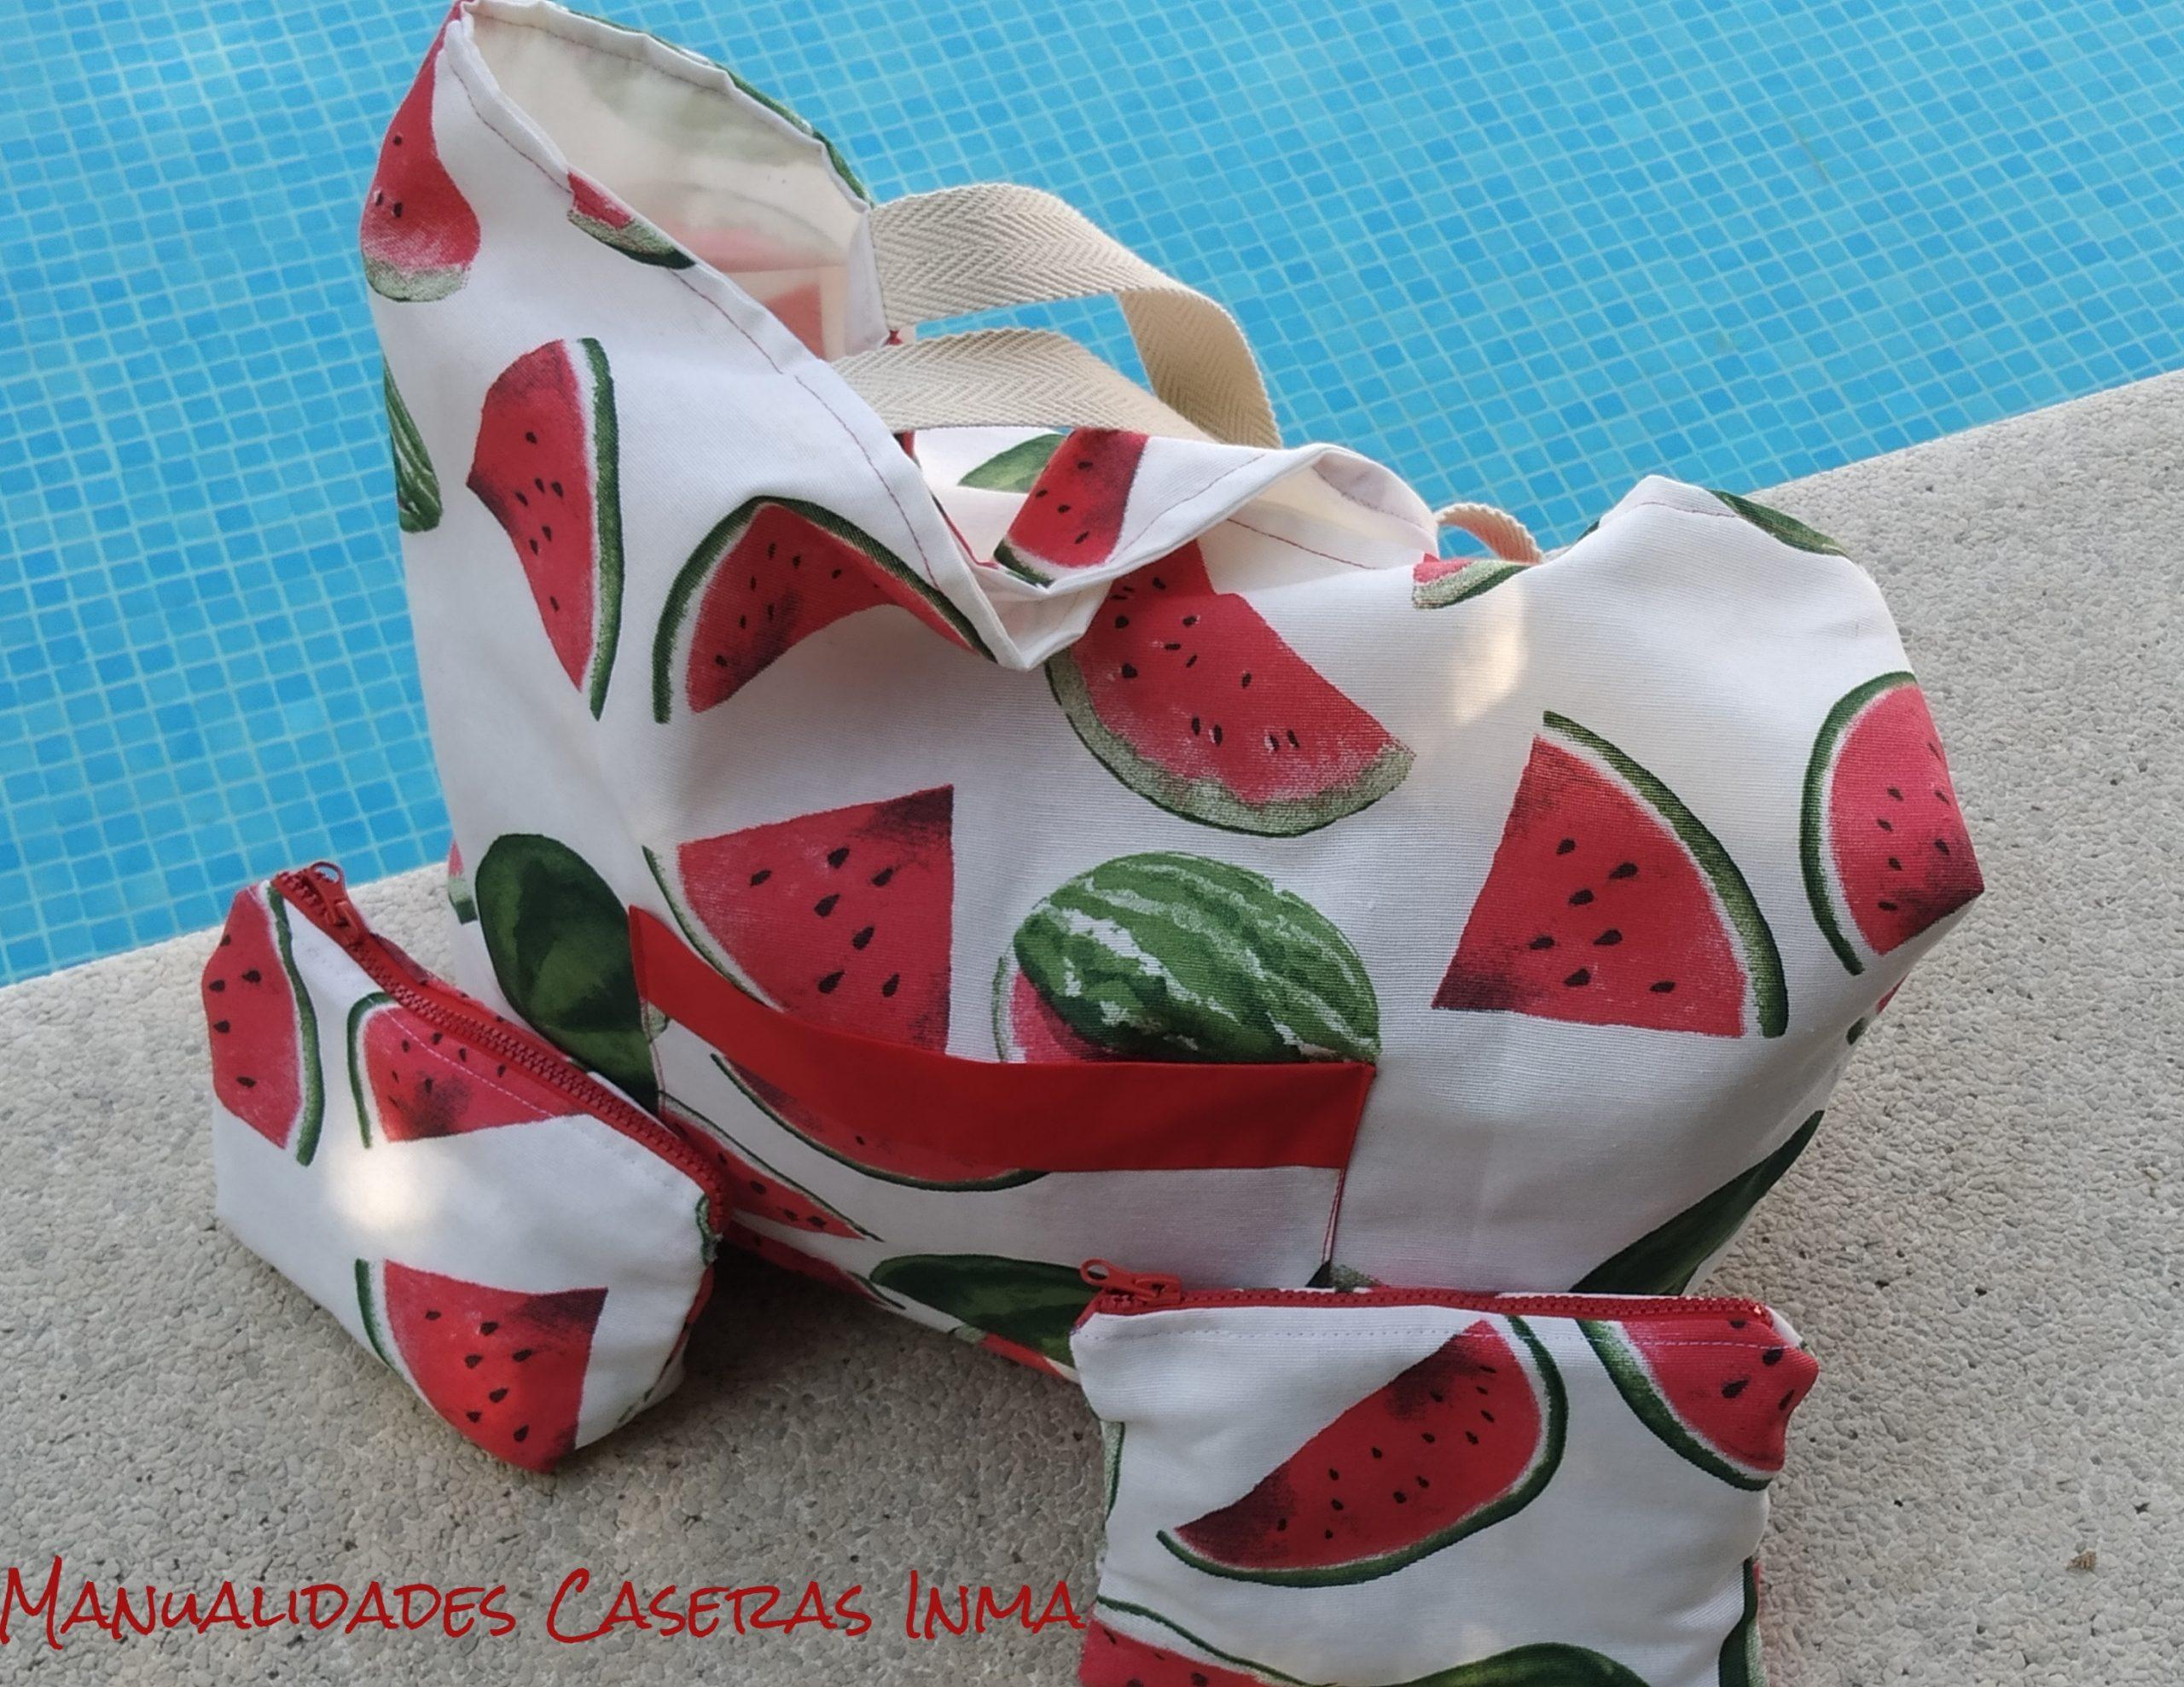 Manualidades Caseras Inma_Bolsa y neceseres sandia para piscina